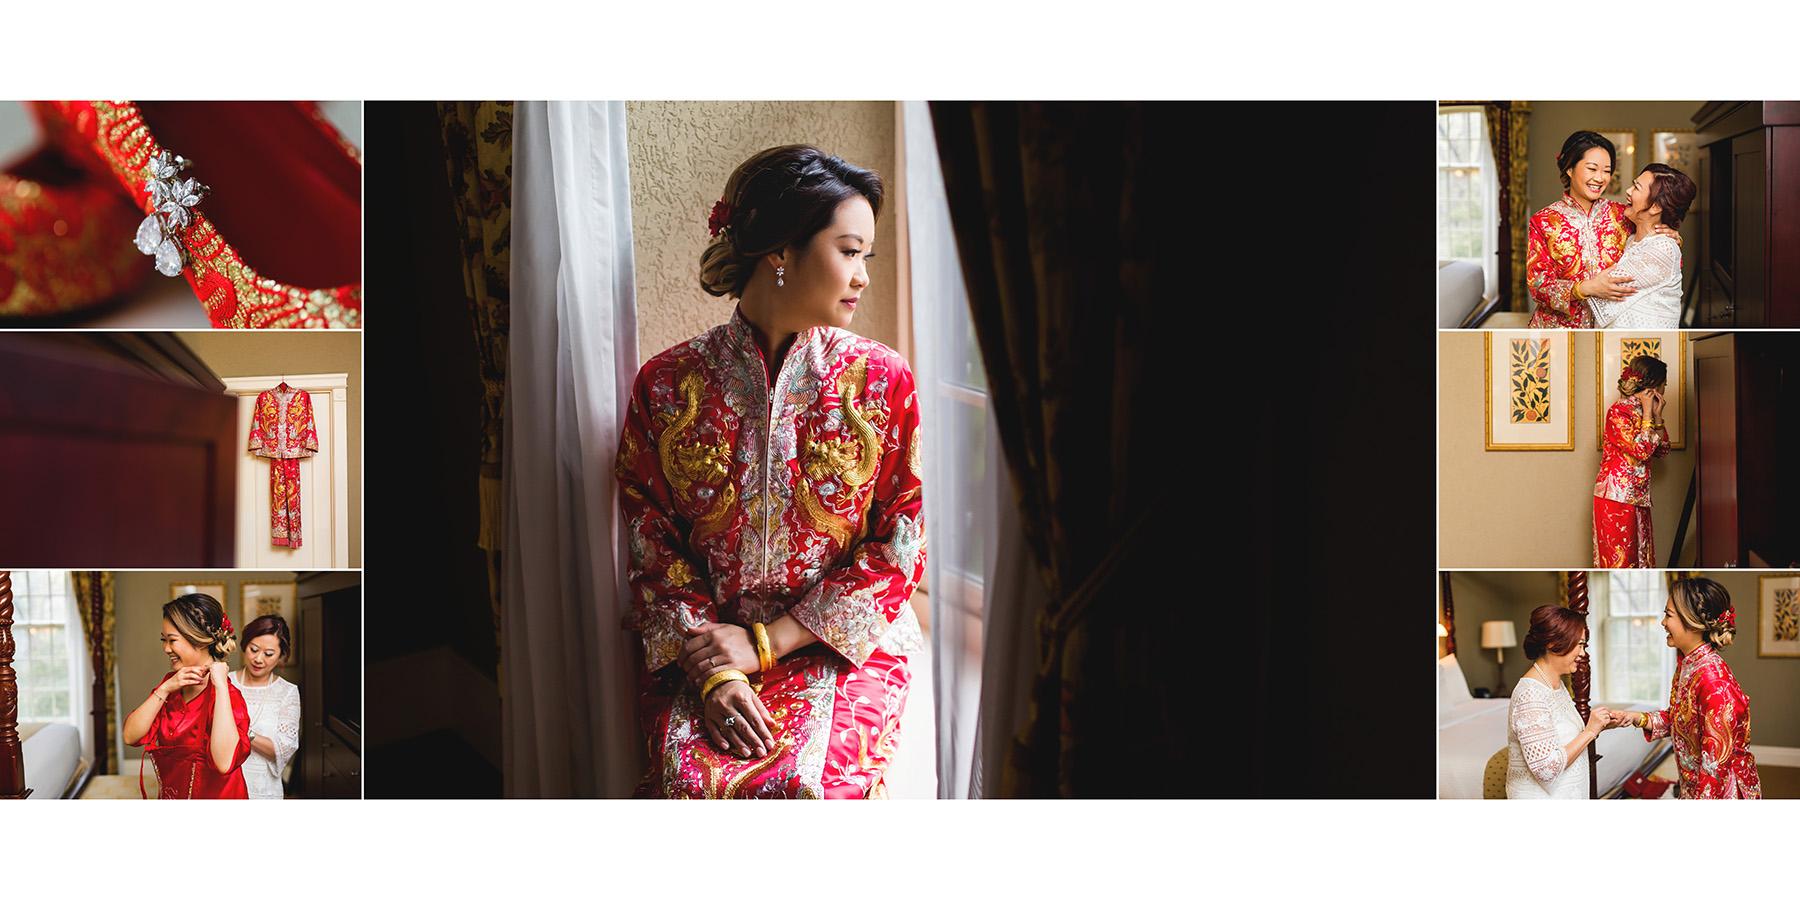 Tiffany_+_Matthew_-_Wedding_Album_01.jpg